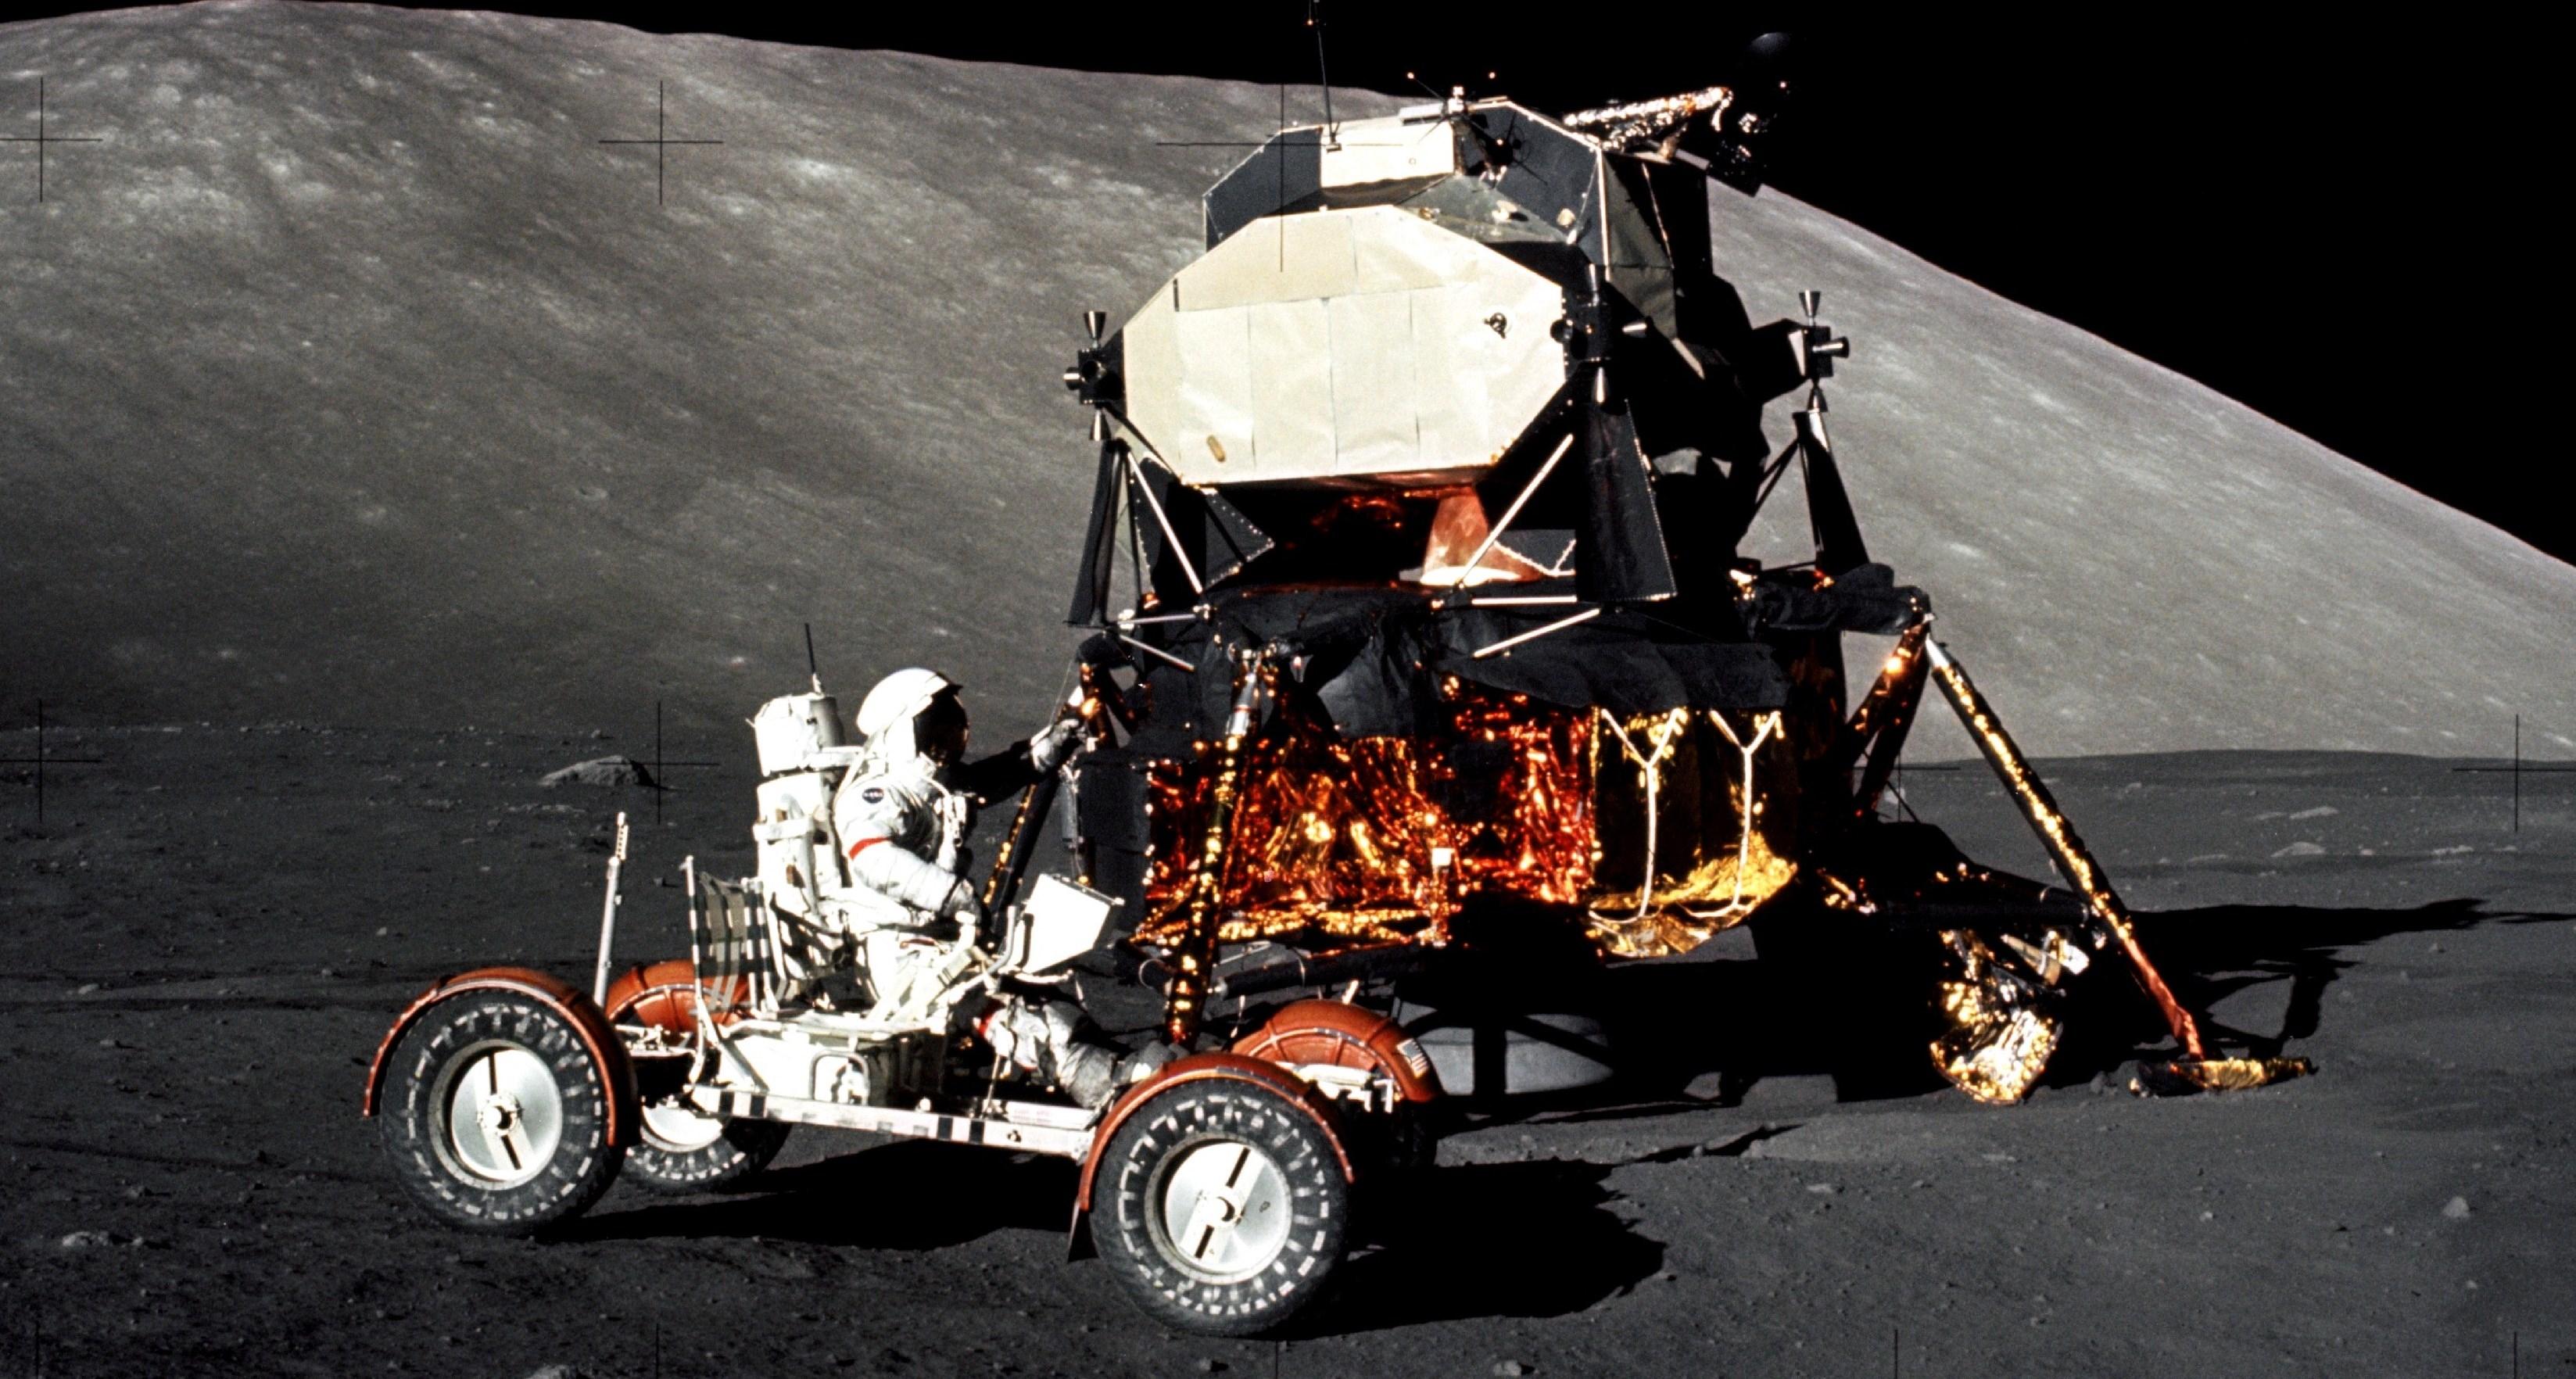 nasa apollo lunar rover - photo #20